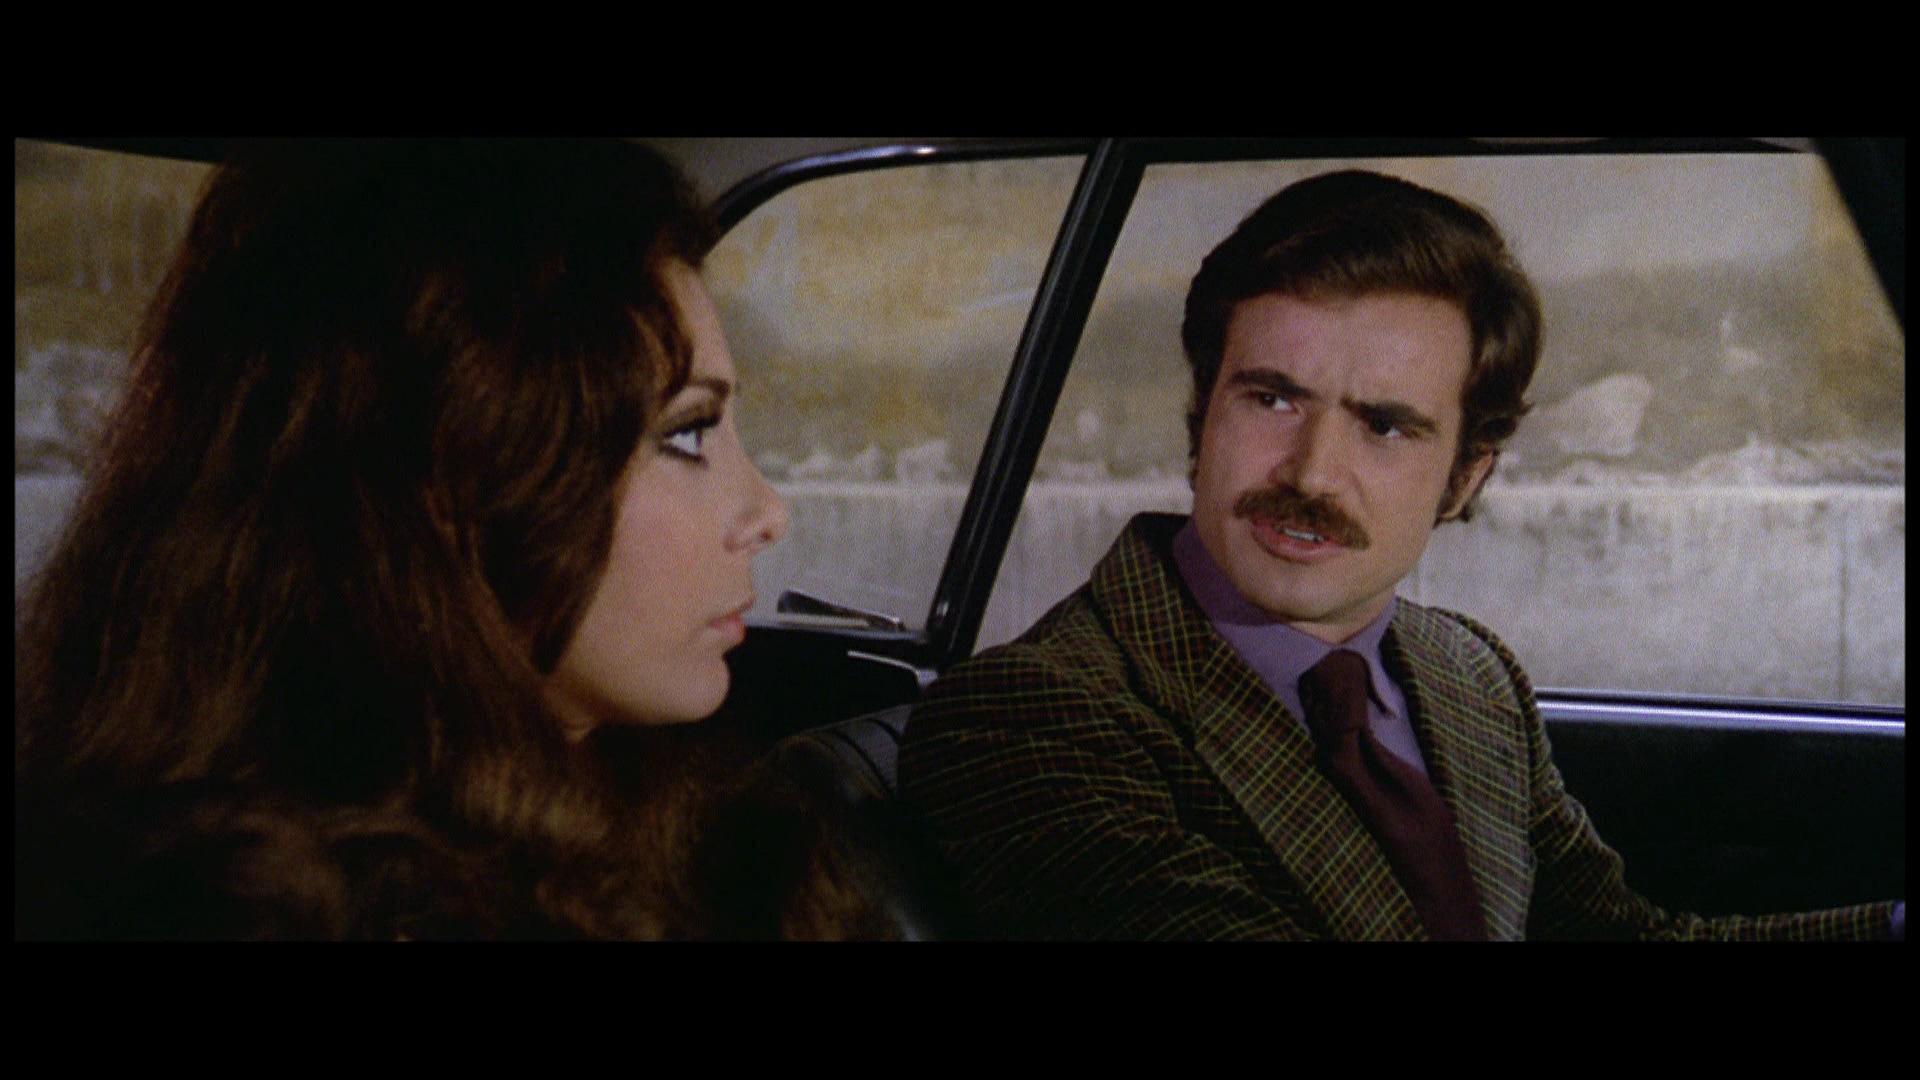 Antonio Sabato and Carla Romanelli in Milano rovente (1973)